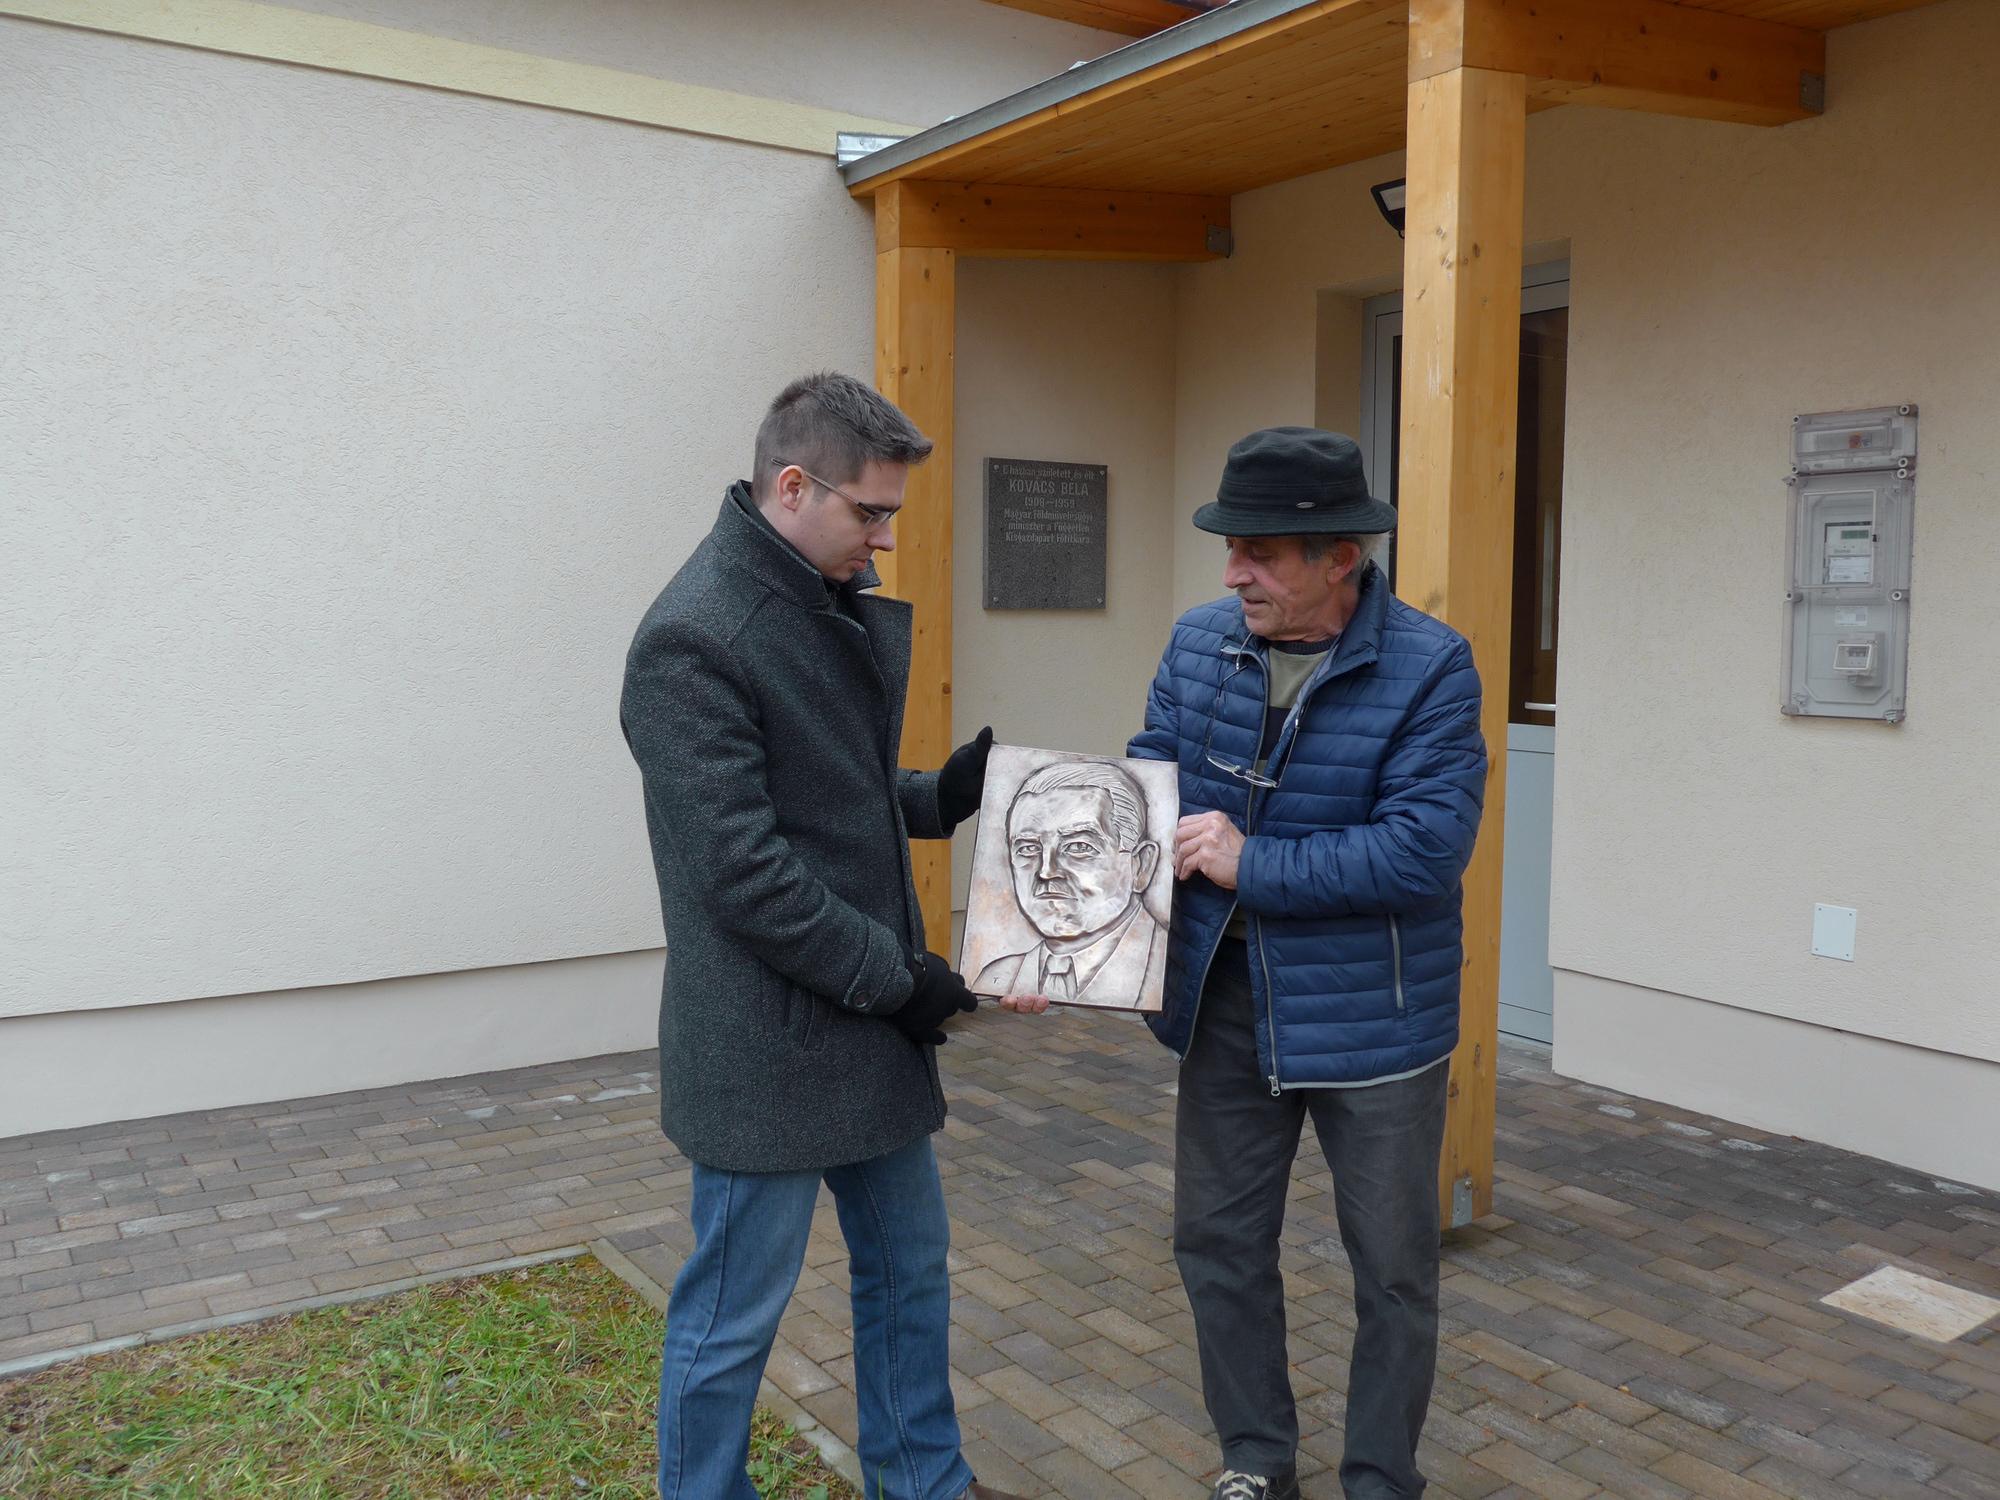 Bronz arckép kerül a Kovács Béla emlékházra